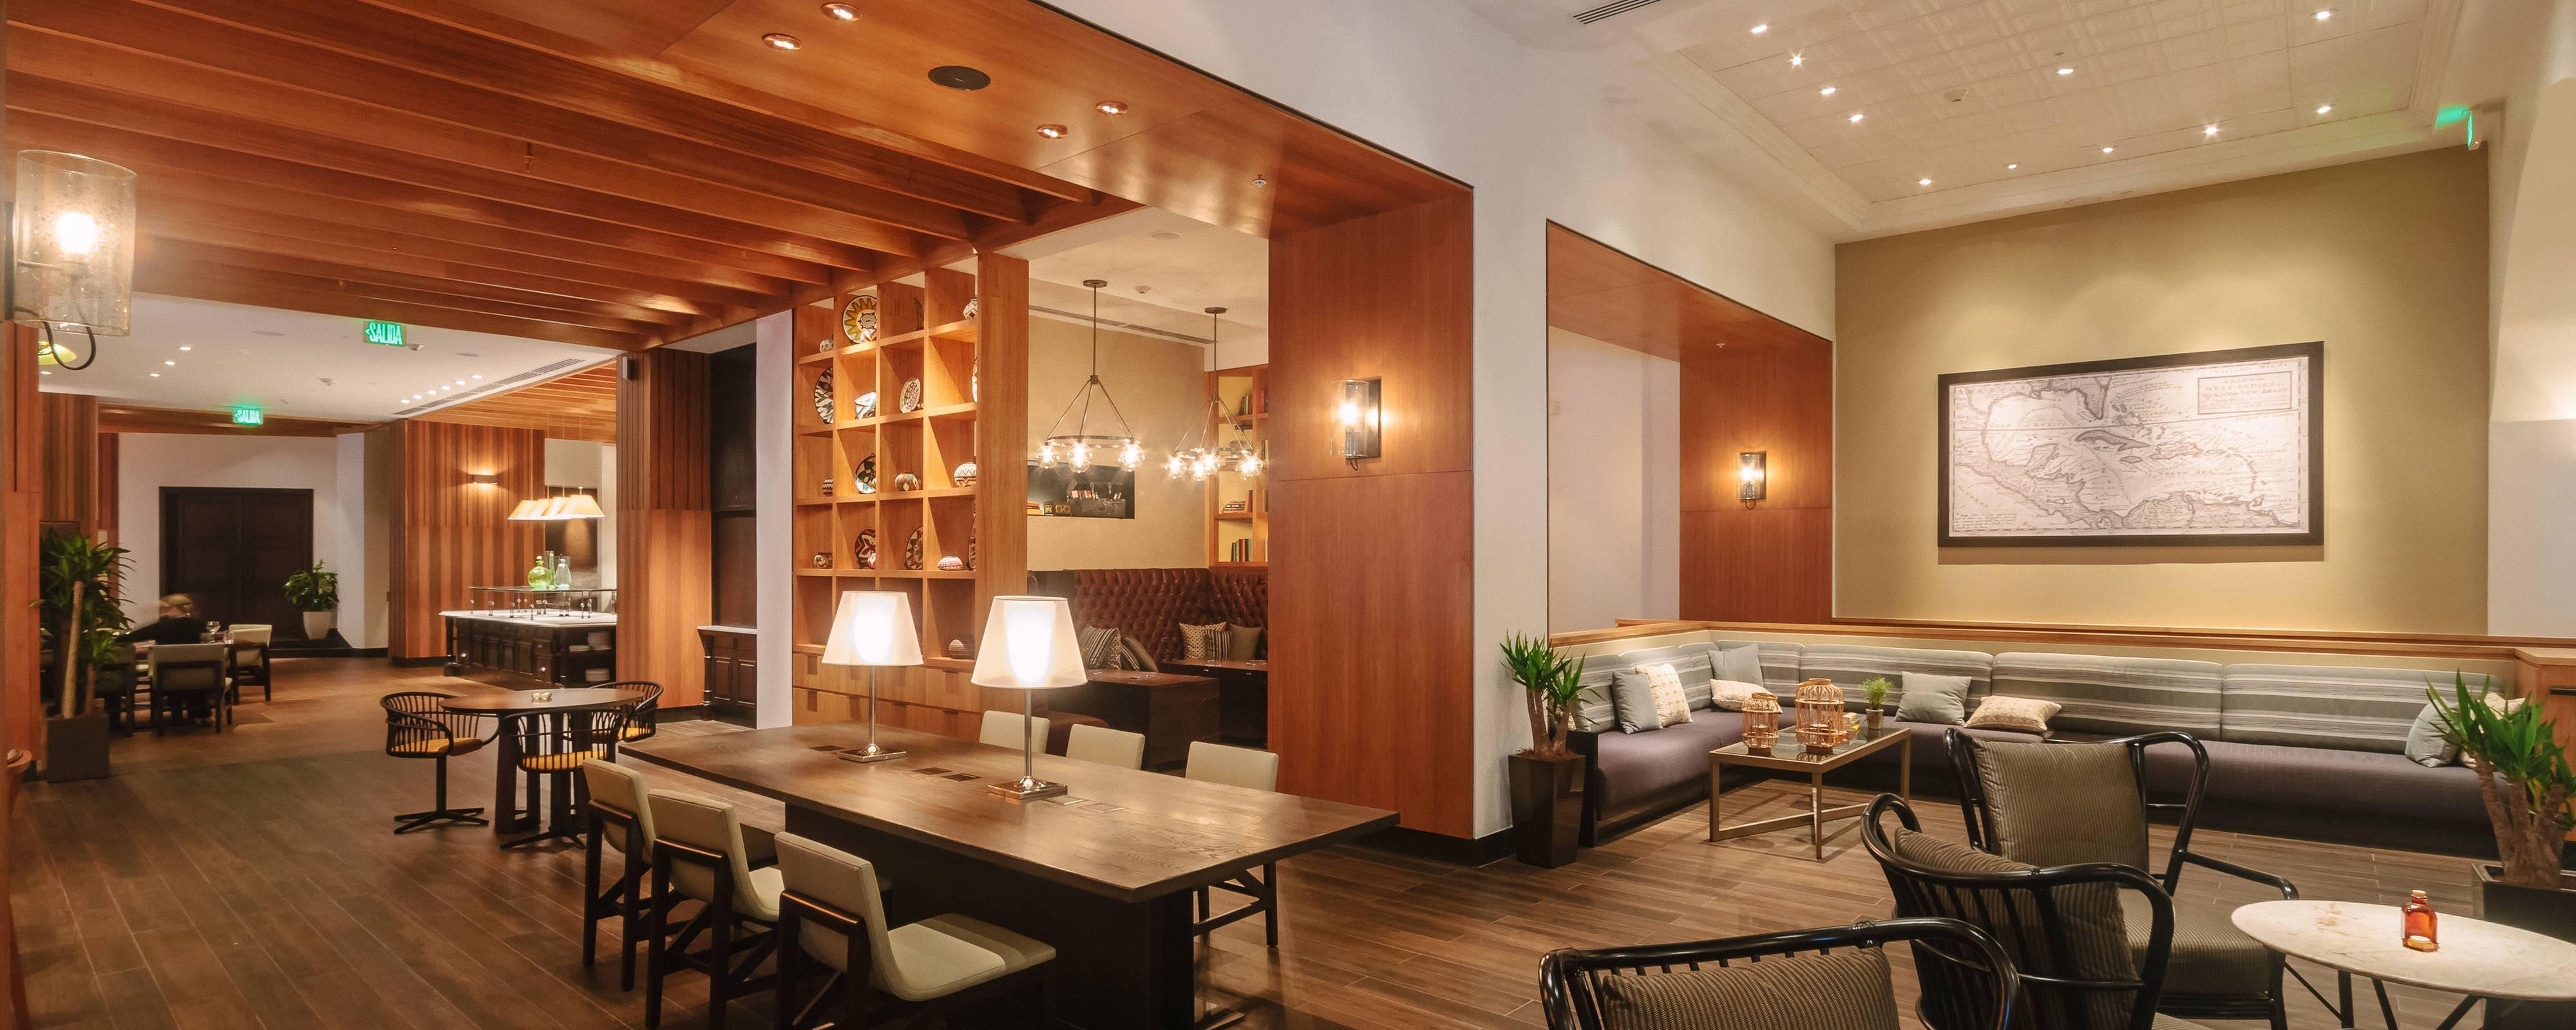 Panama City, Panama Hotels   Panama Marriott Hotel